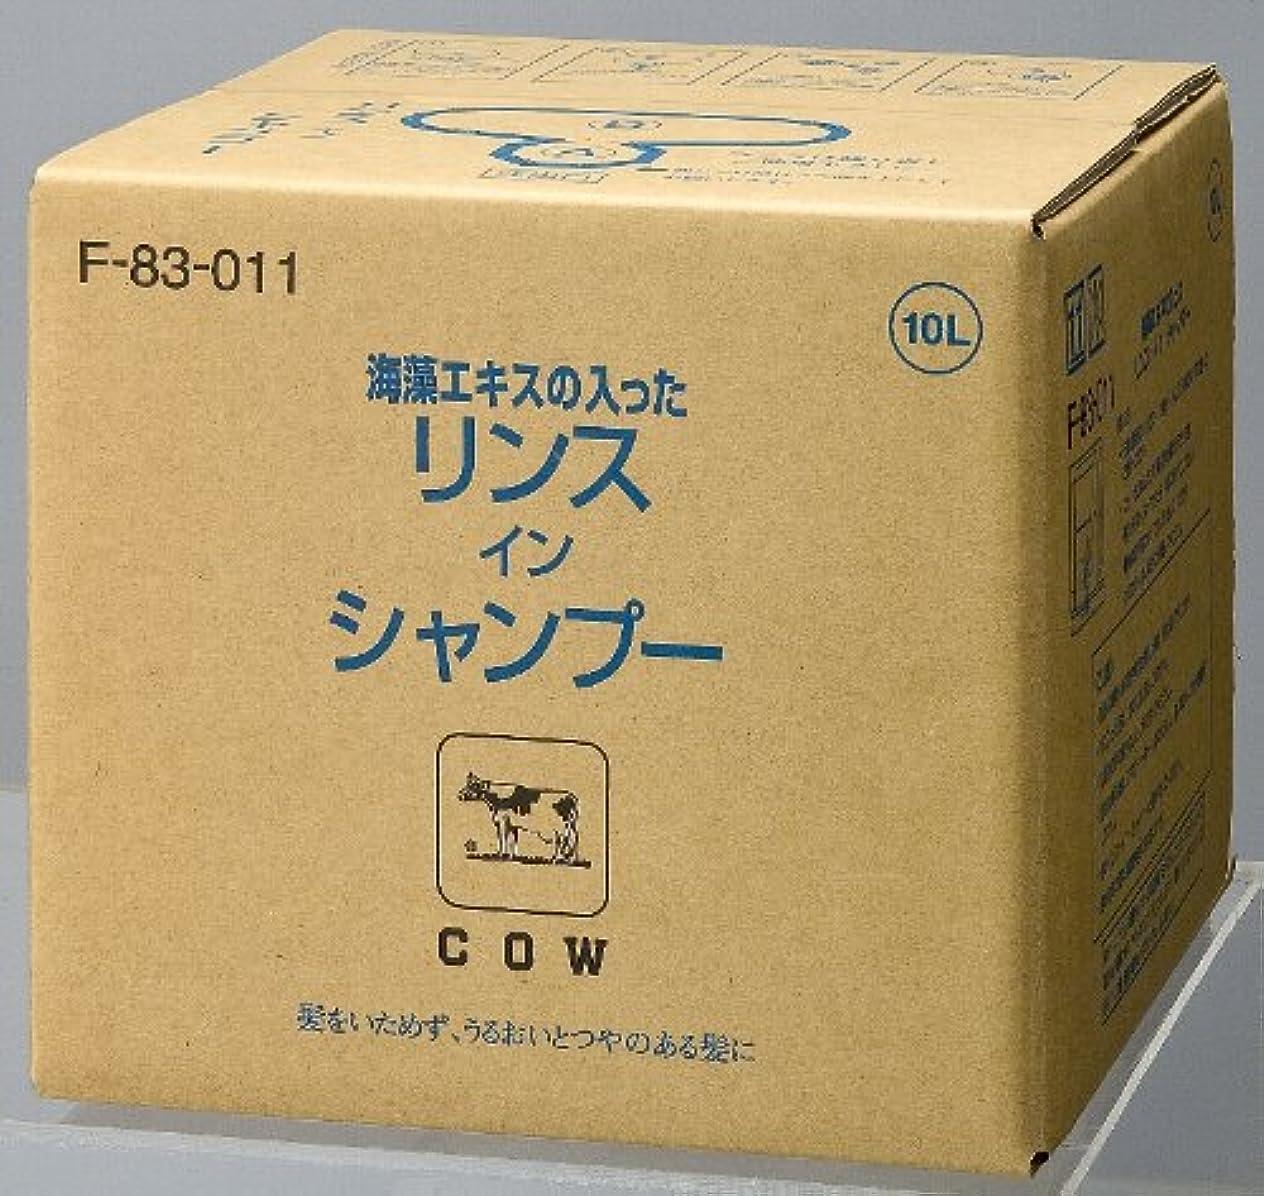 クロール欠席ウルル【業務用】カウブランド海藻エキスリンスインシャンプー 10L